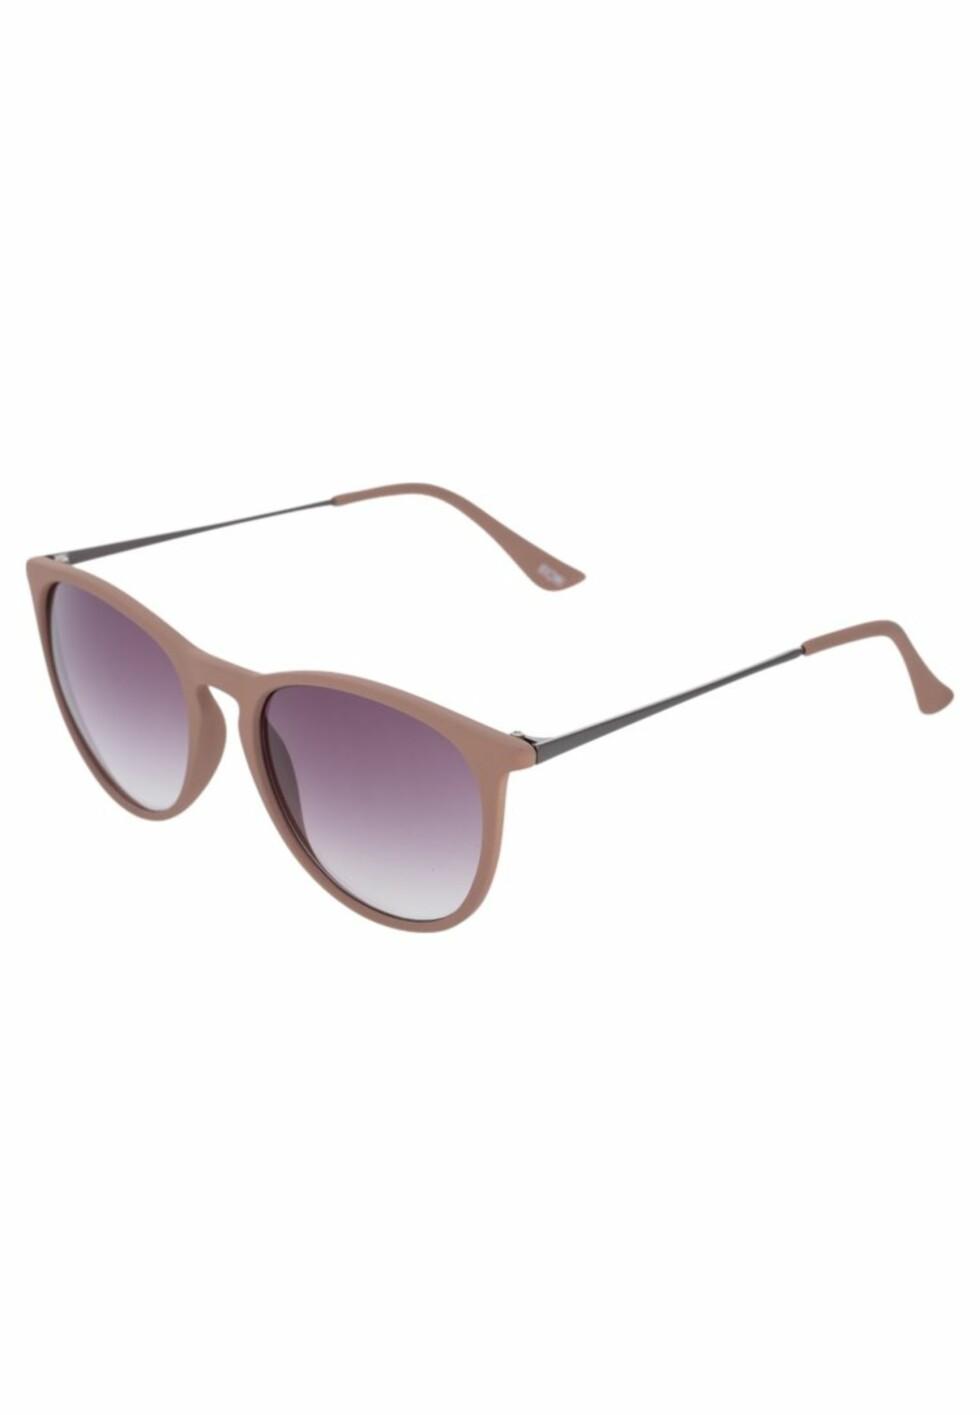 Solbriller fra Kiomi via Zalando.no, kr 179. Foto: Zalando.no